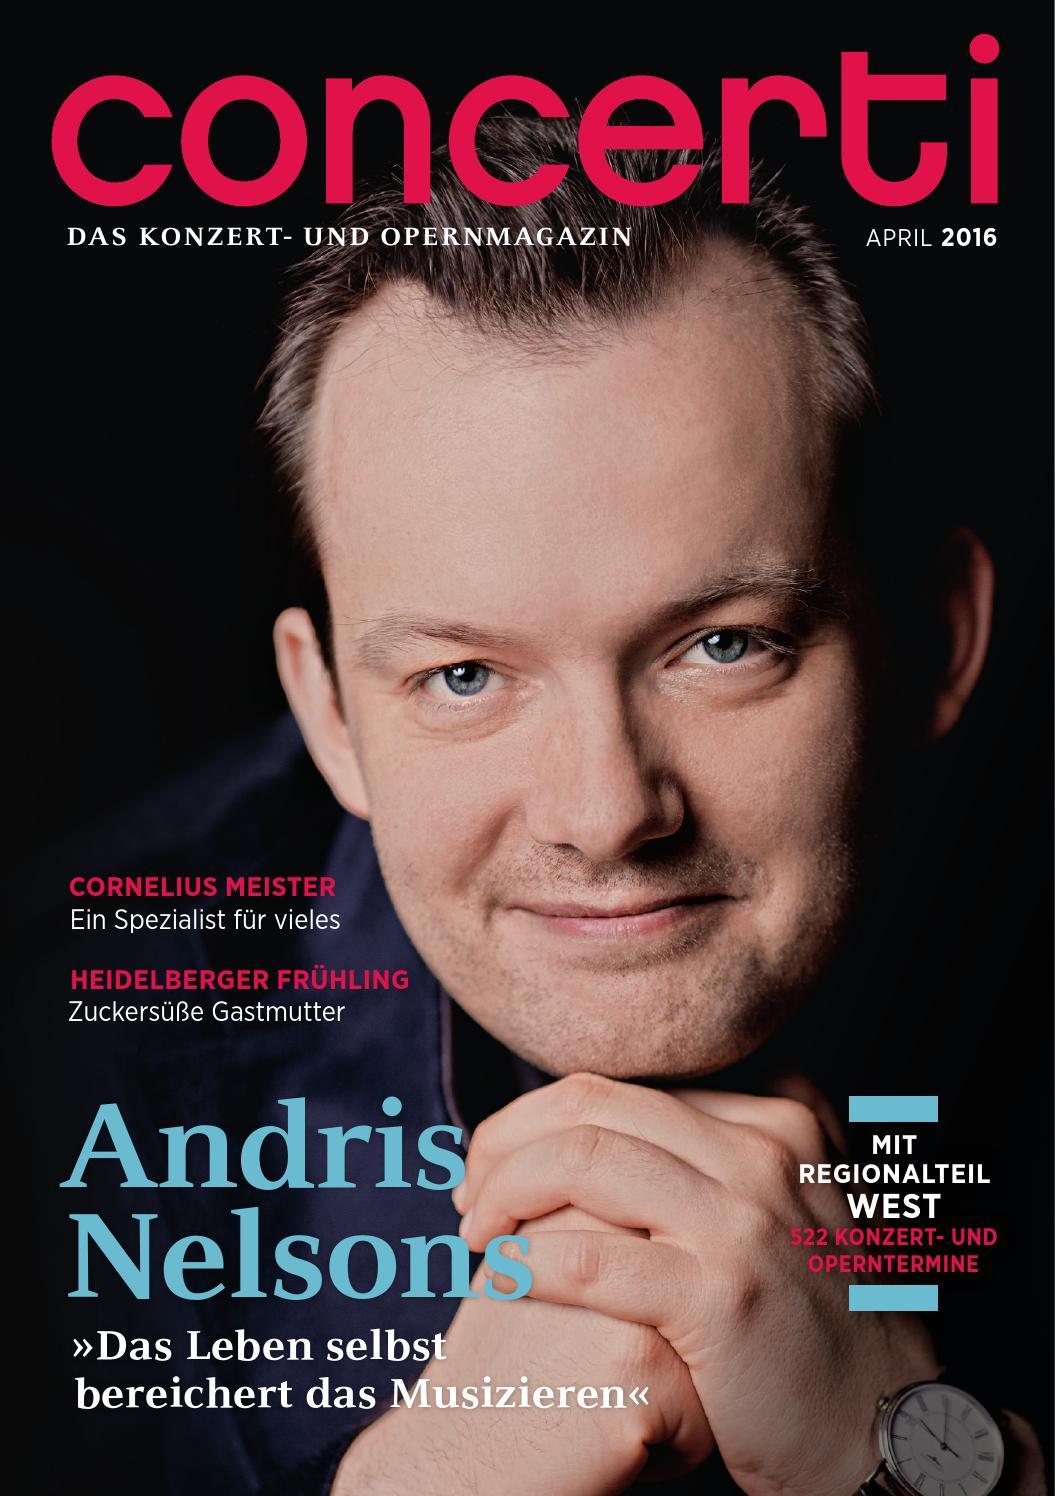 concerti Ausgabe West April 2016 by concerti - Das Konzert- und ...